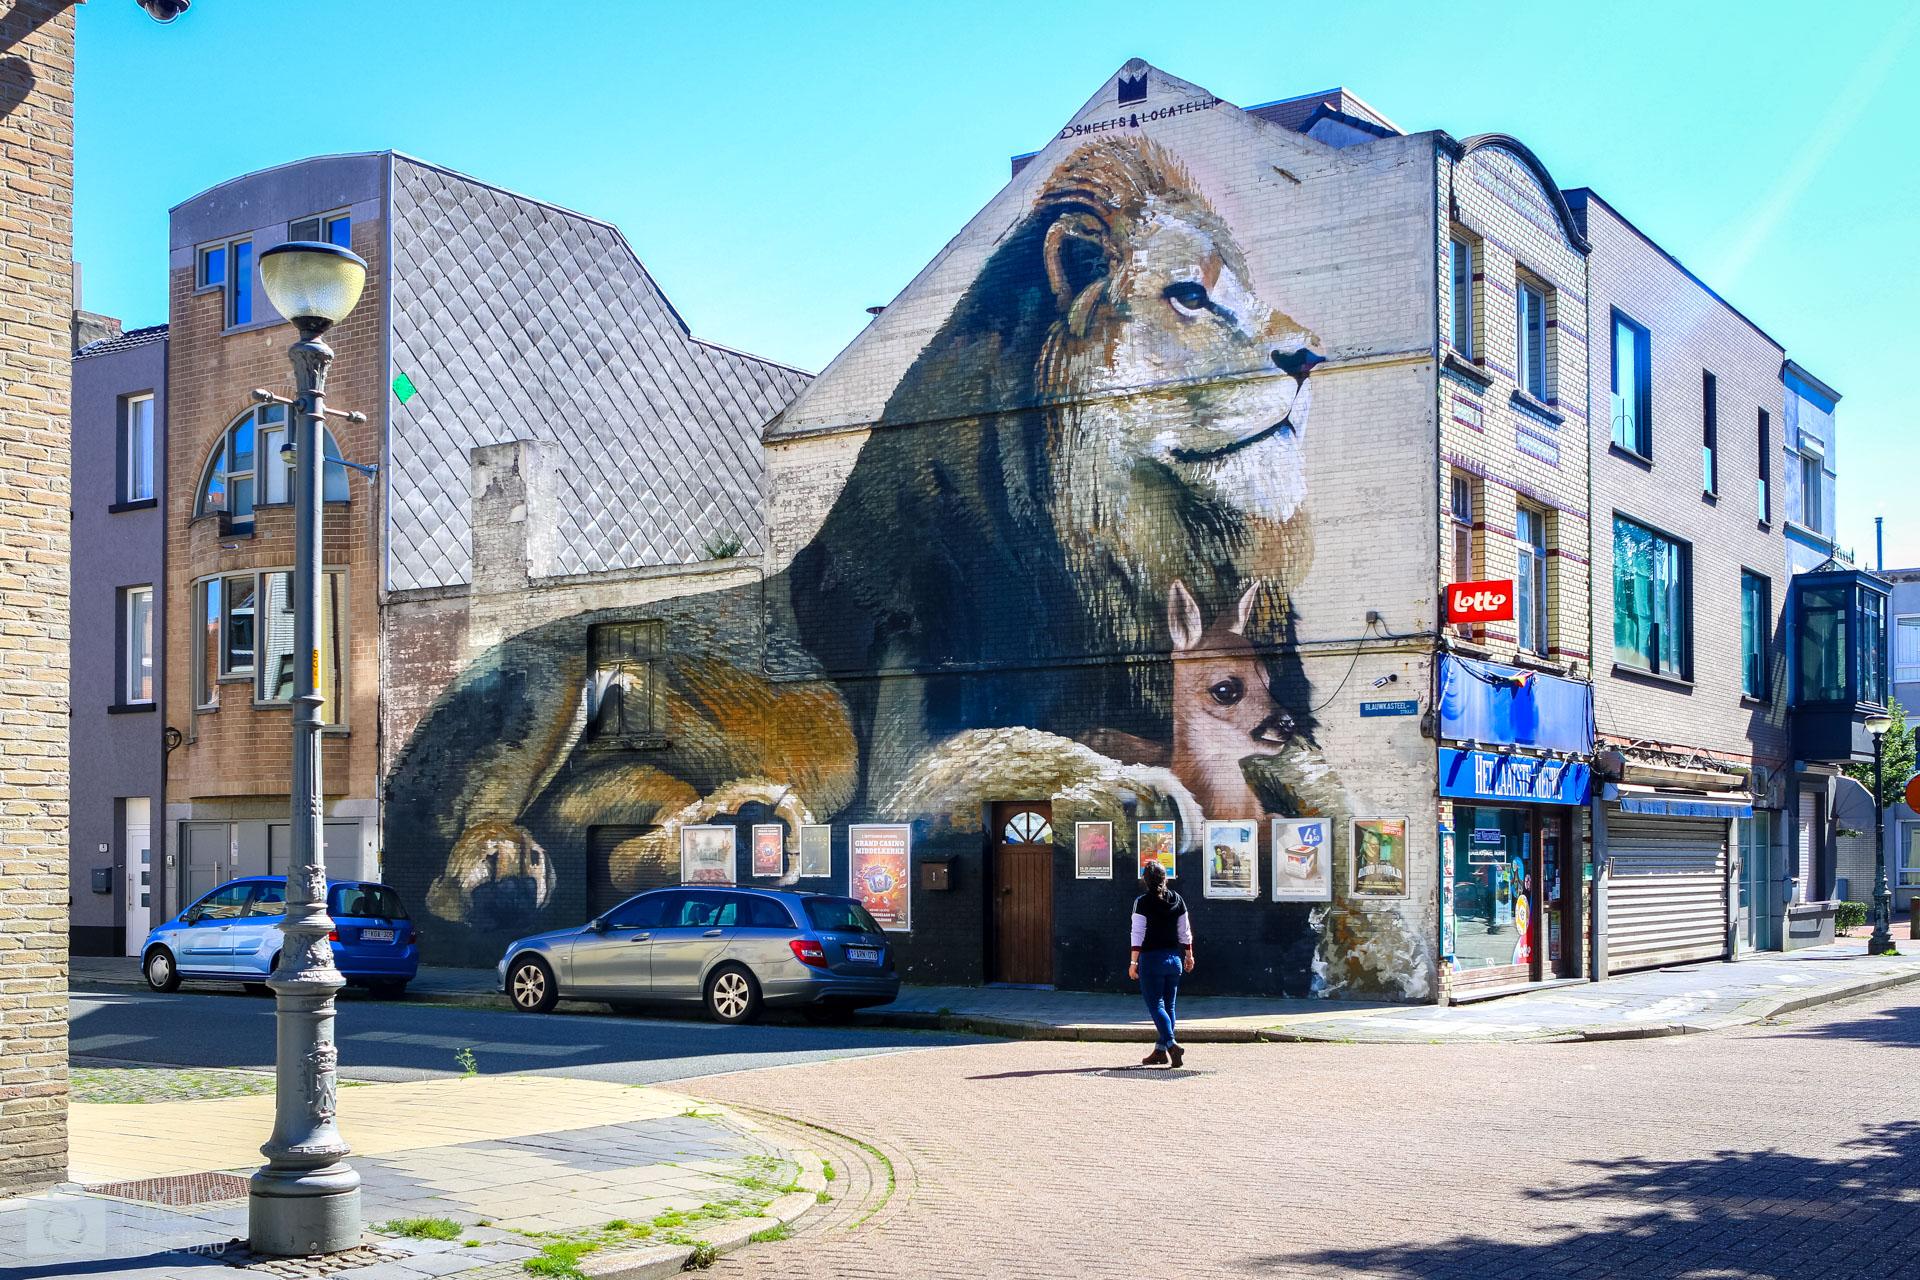 Passionnés du monde animal, Smates & Locatelli ont choisi de représenter une relation graphique entre les proies et les prédateurs sur une immense partie d'un bâtiment appartenant à un passionné de l'Afrique.